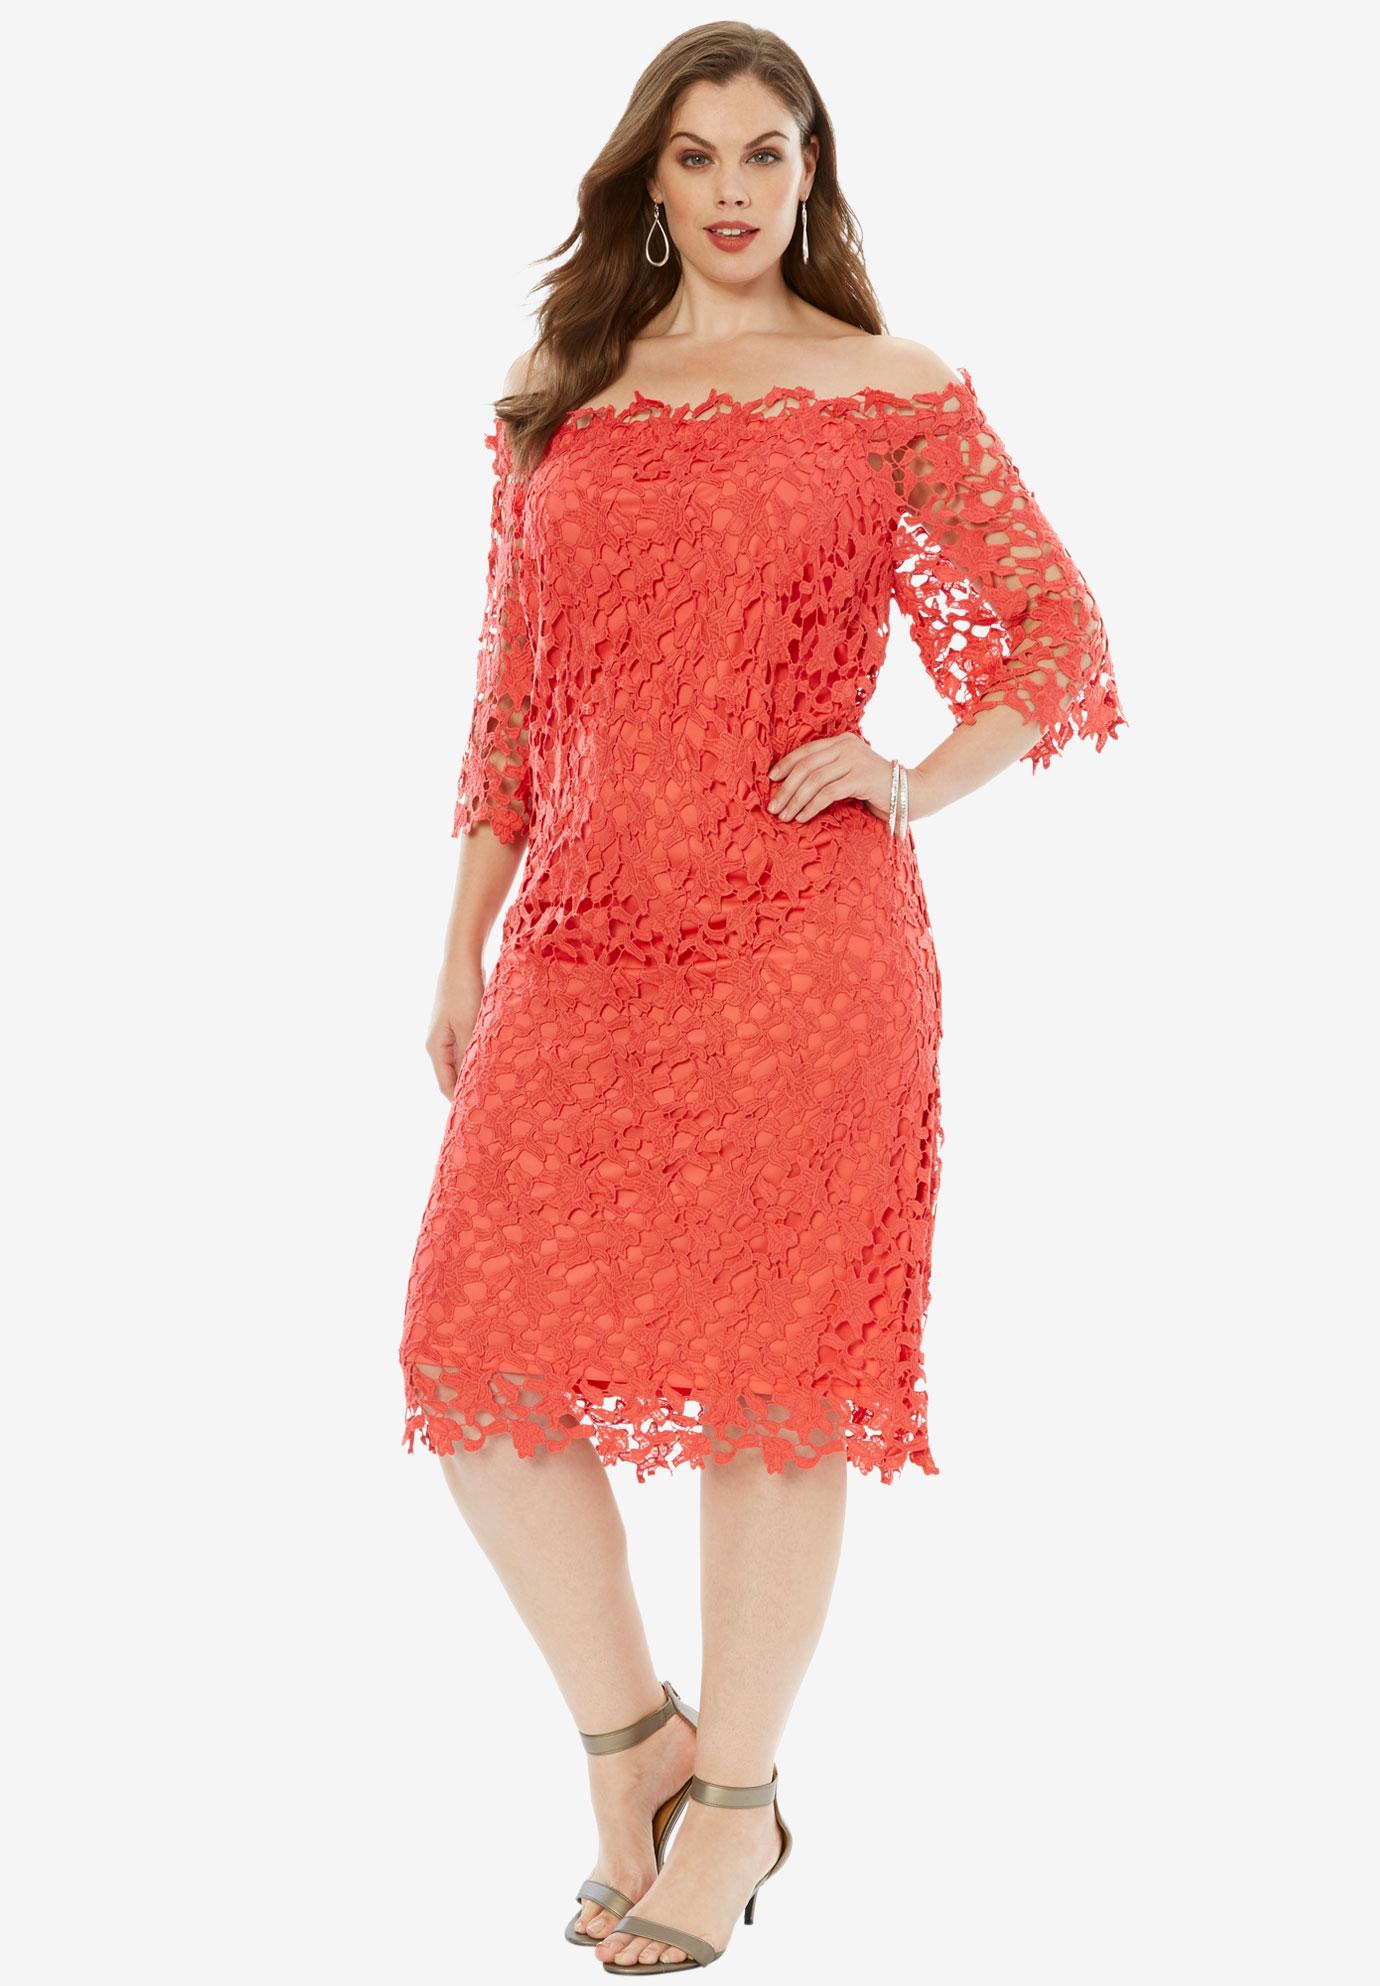 Fullsize Of Cocktail Dresses For Women